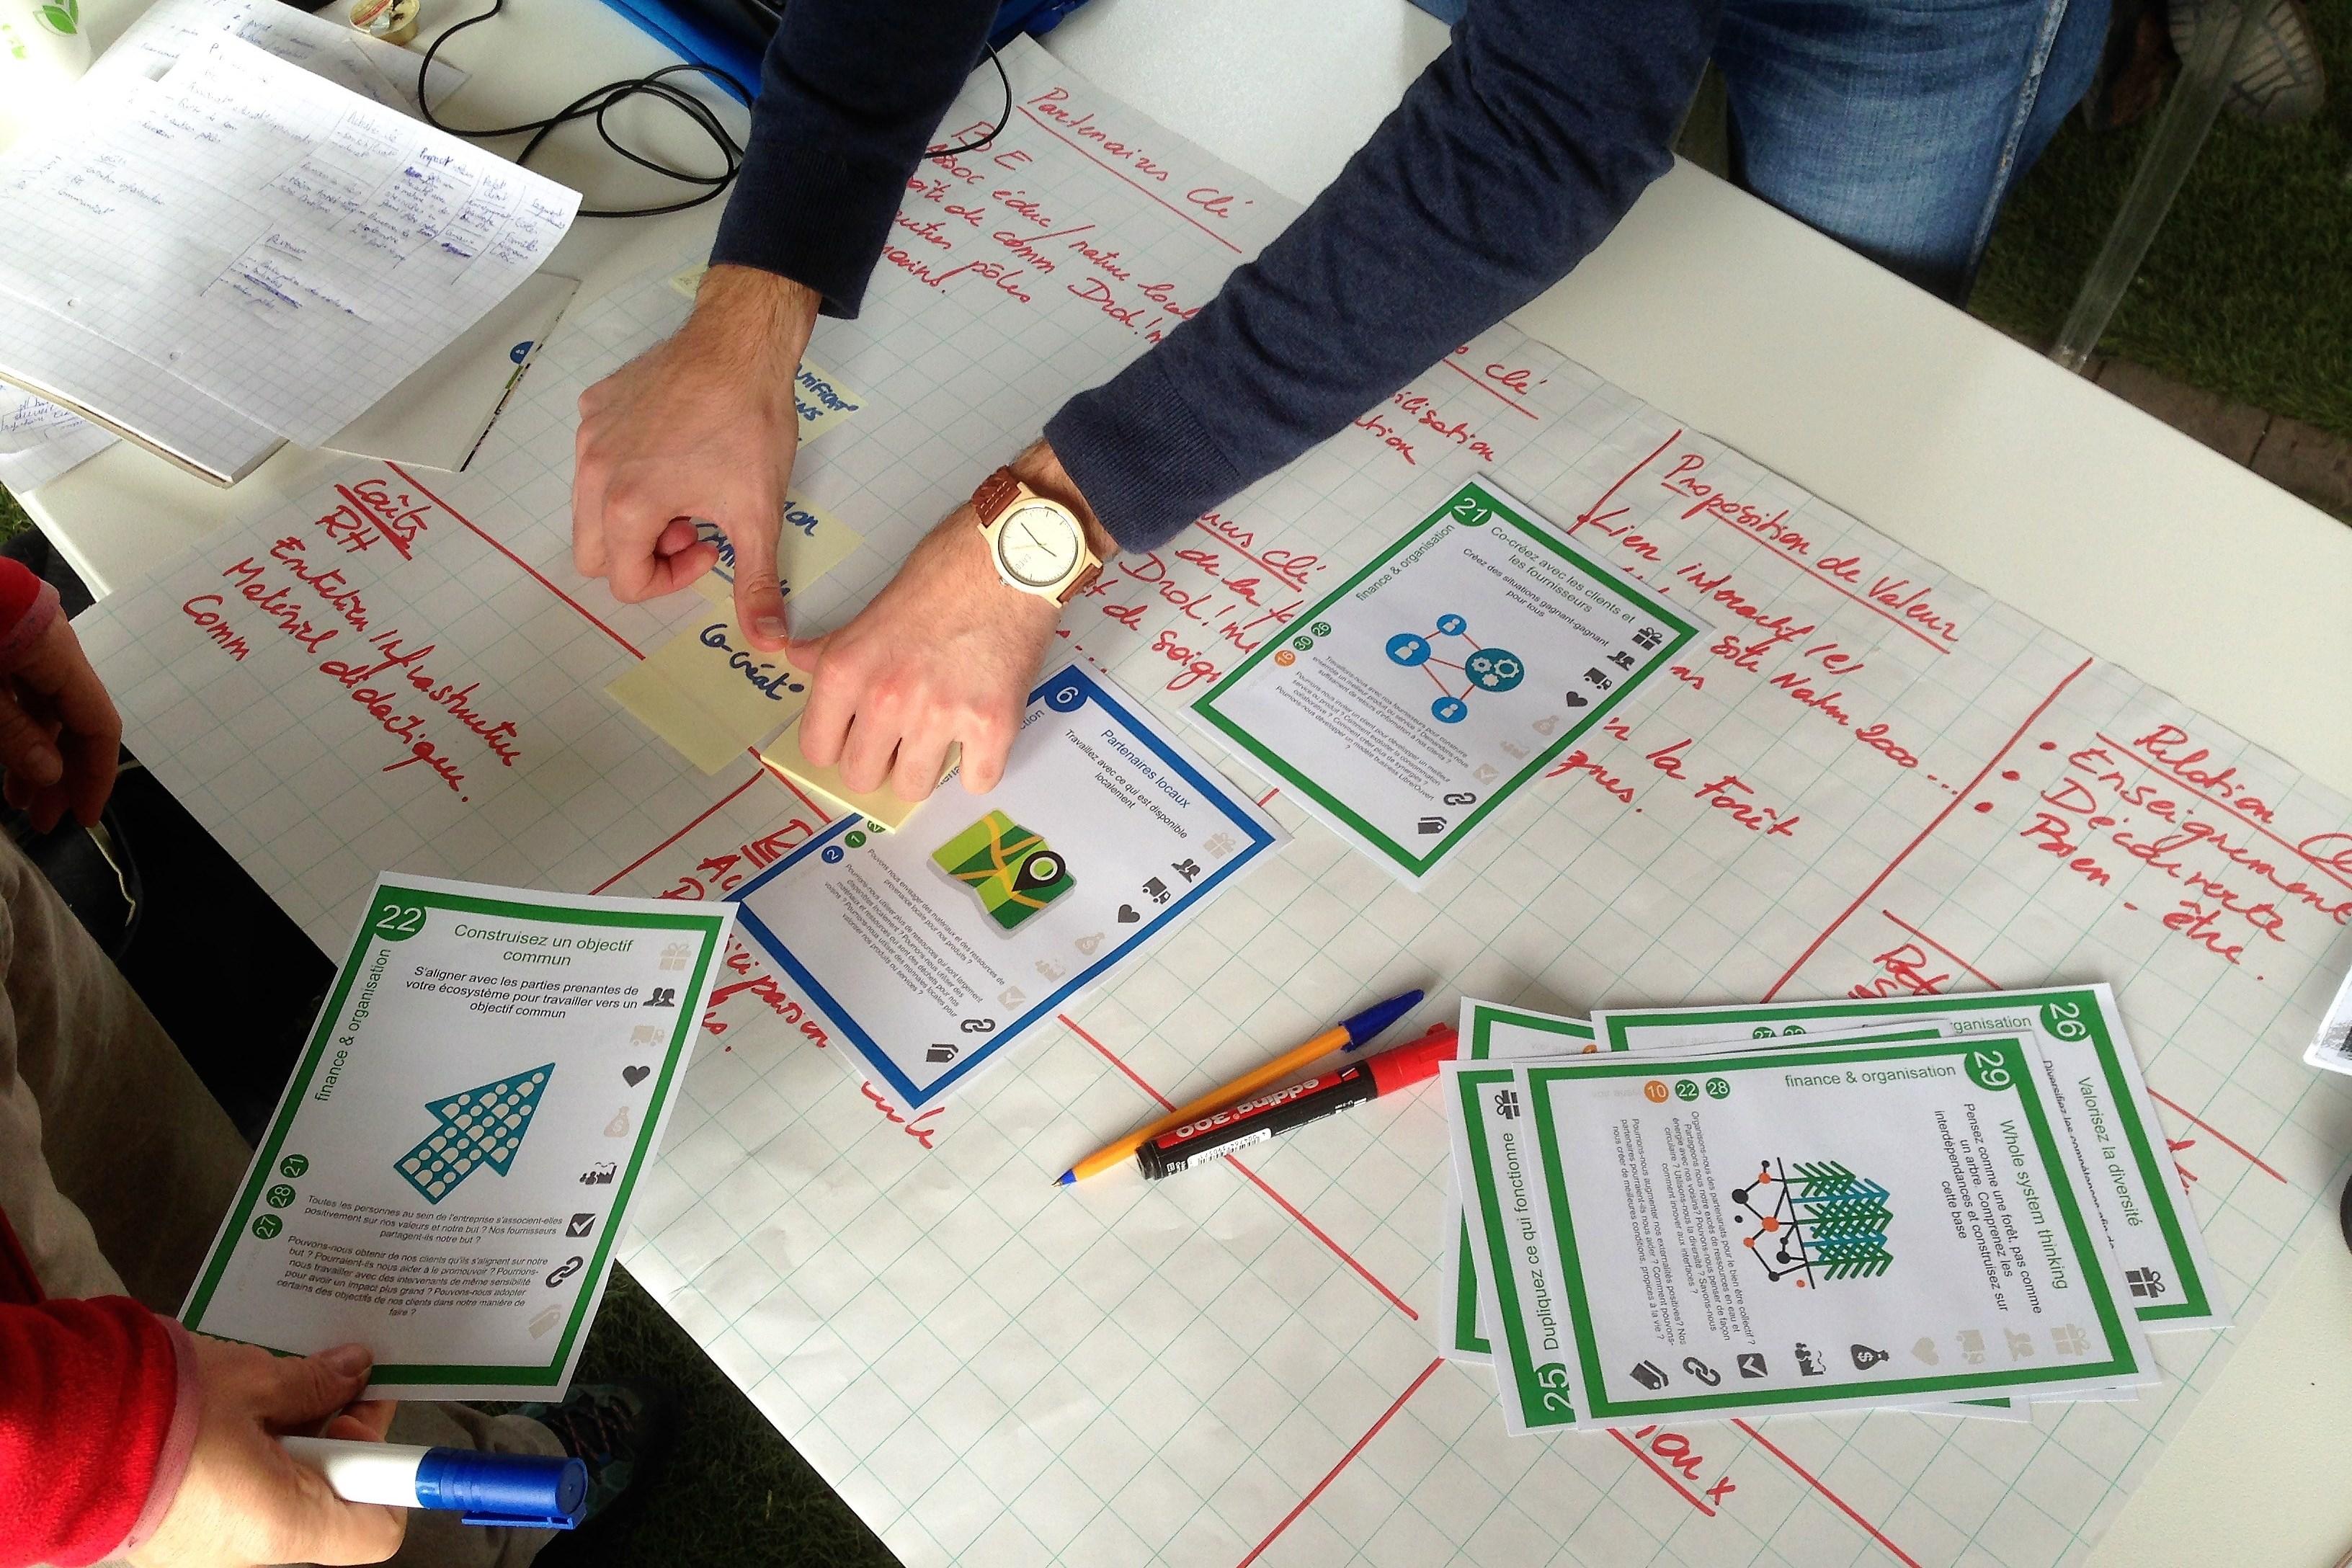 La formation gratuite Resilience Design était un grand succès